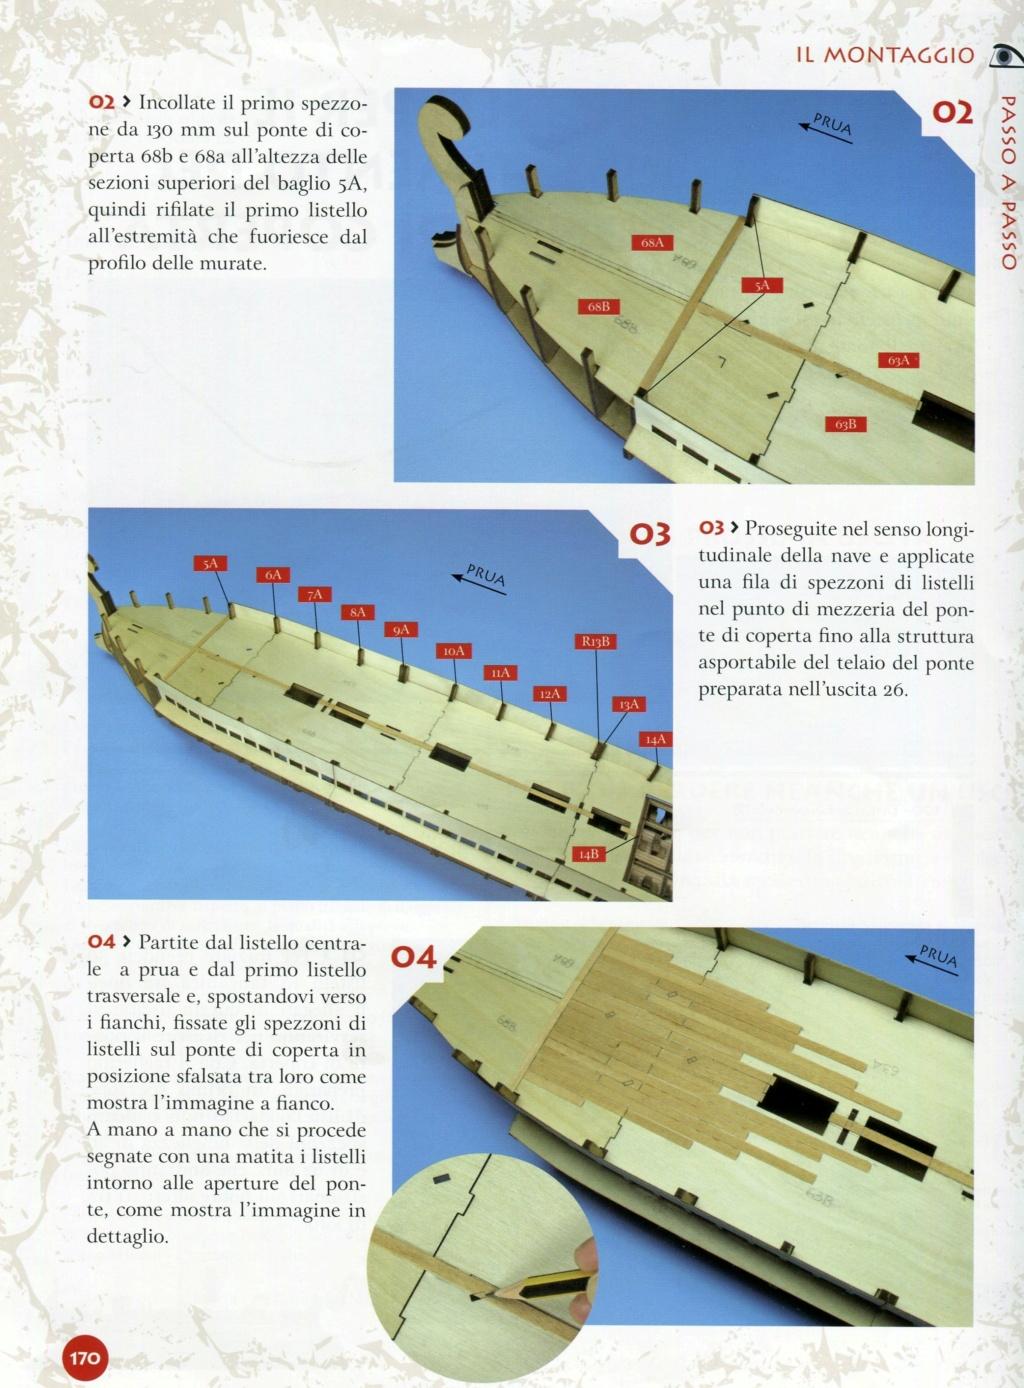 costruzione - Nave Romana Hachette - Diario di Costruzione Capitan Mattevale - Pagina 6 Pag_1710